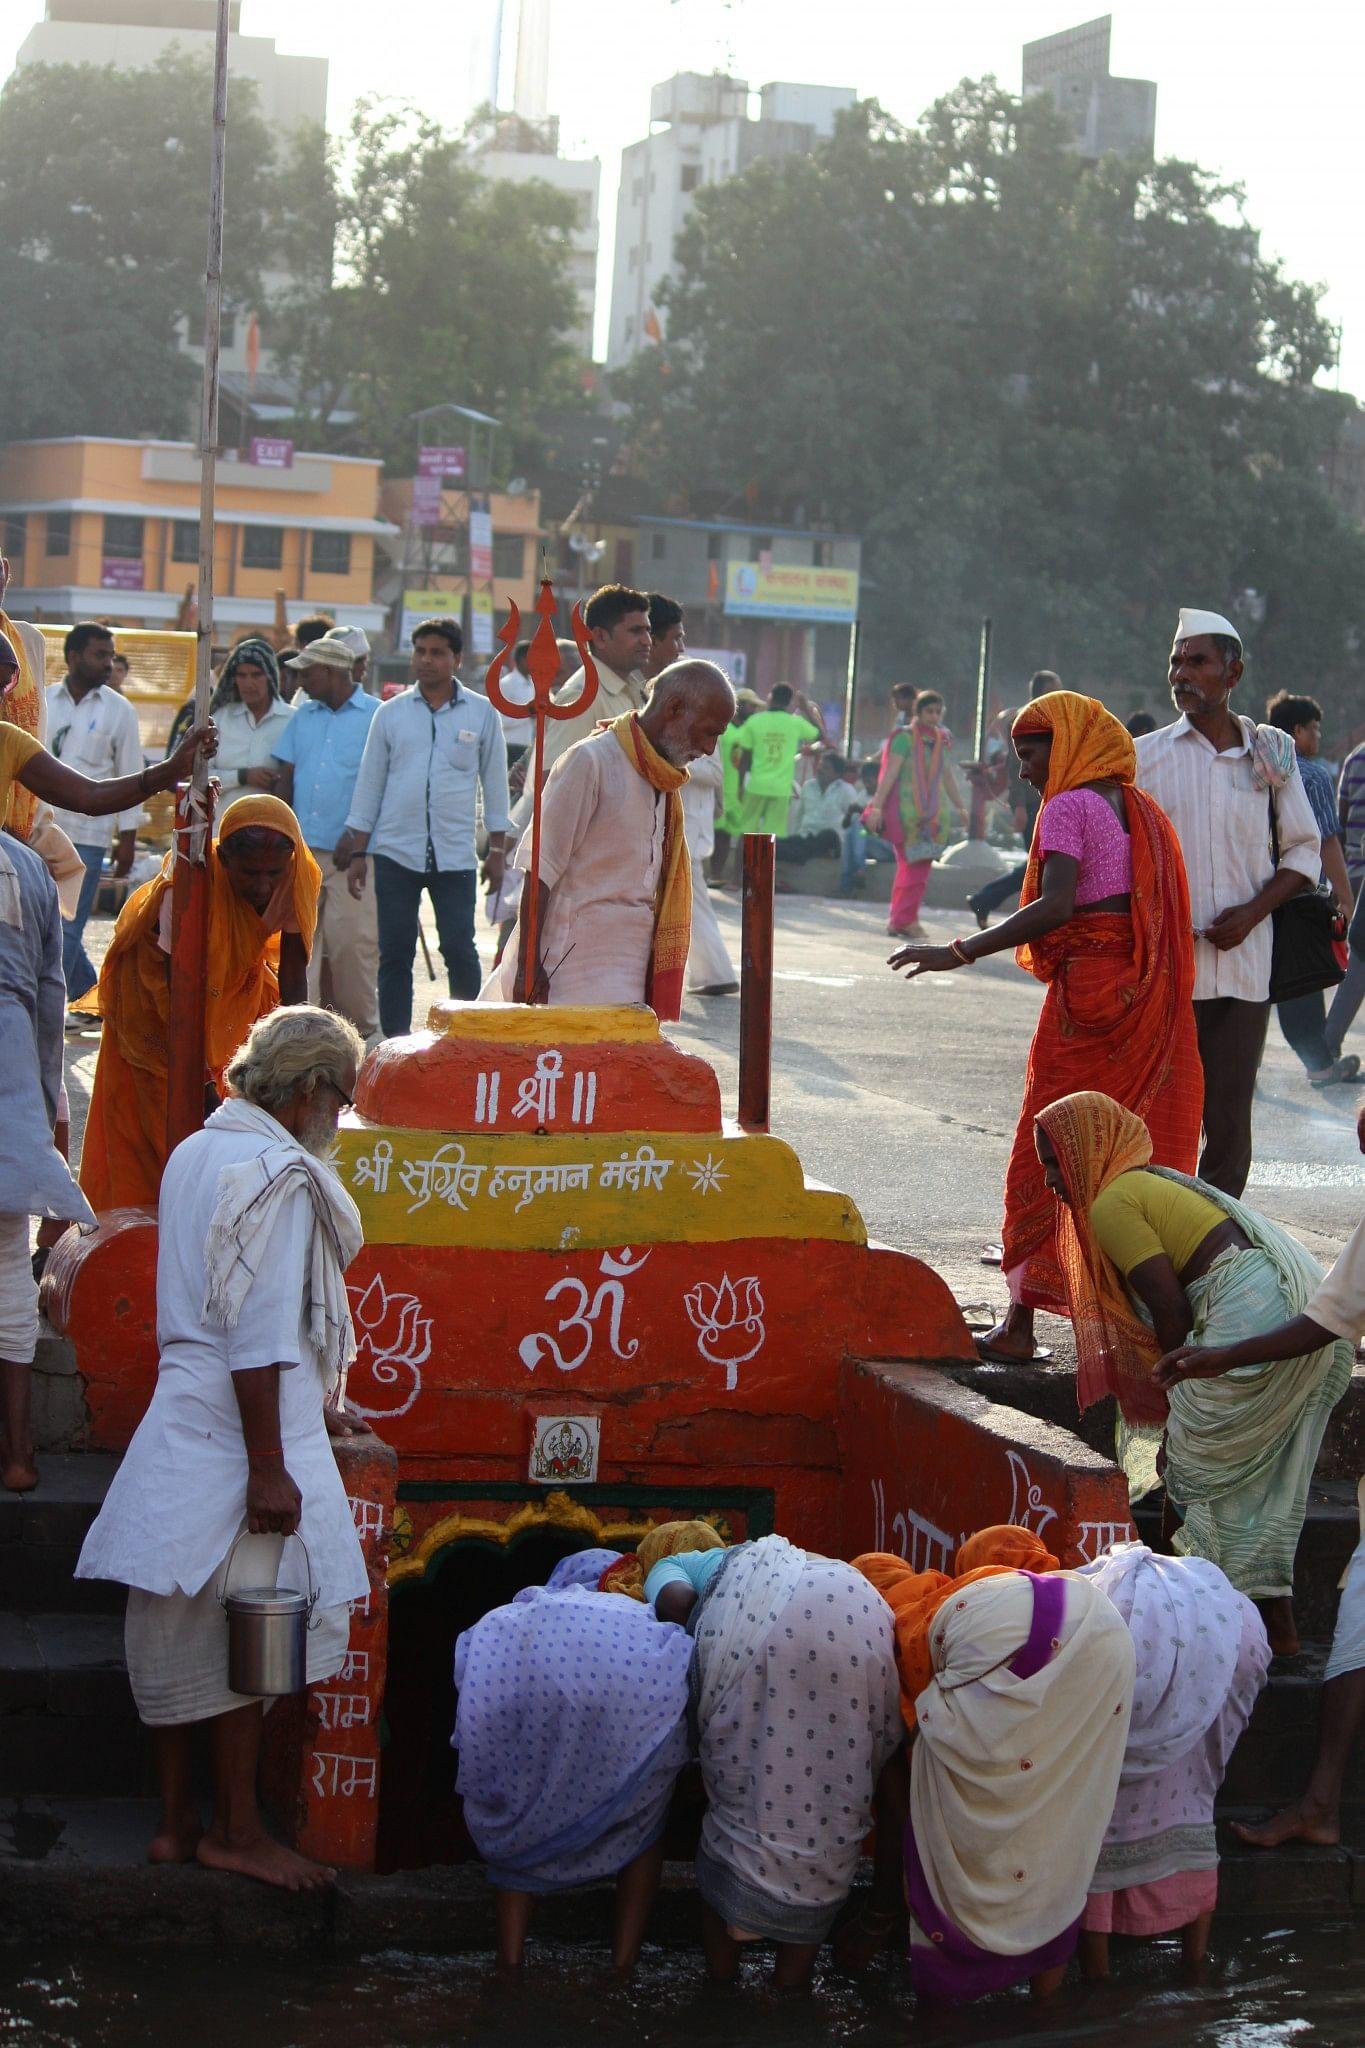 Pilgrims get down in water to pray at Hanuman temple